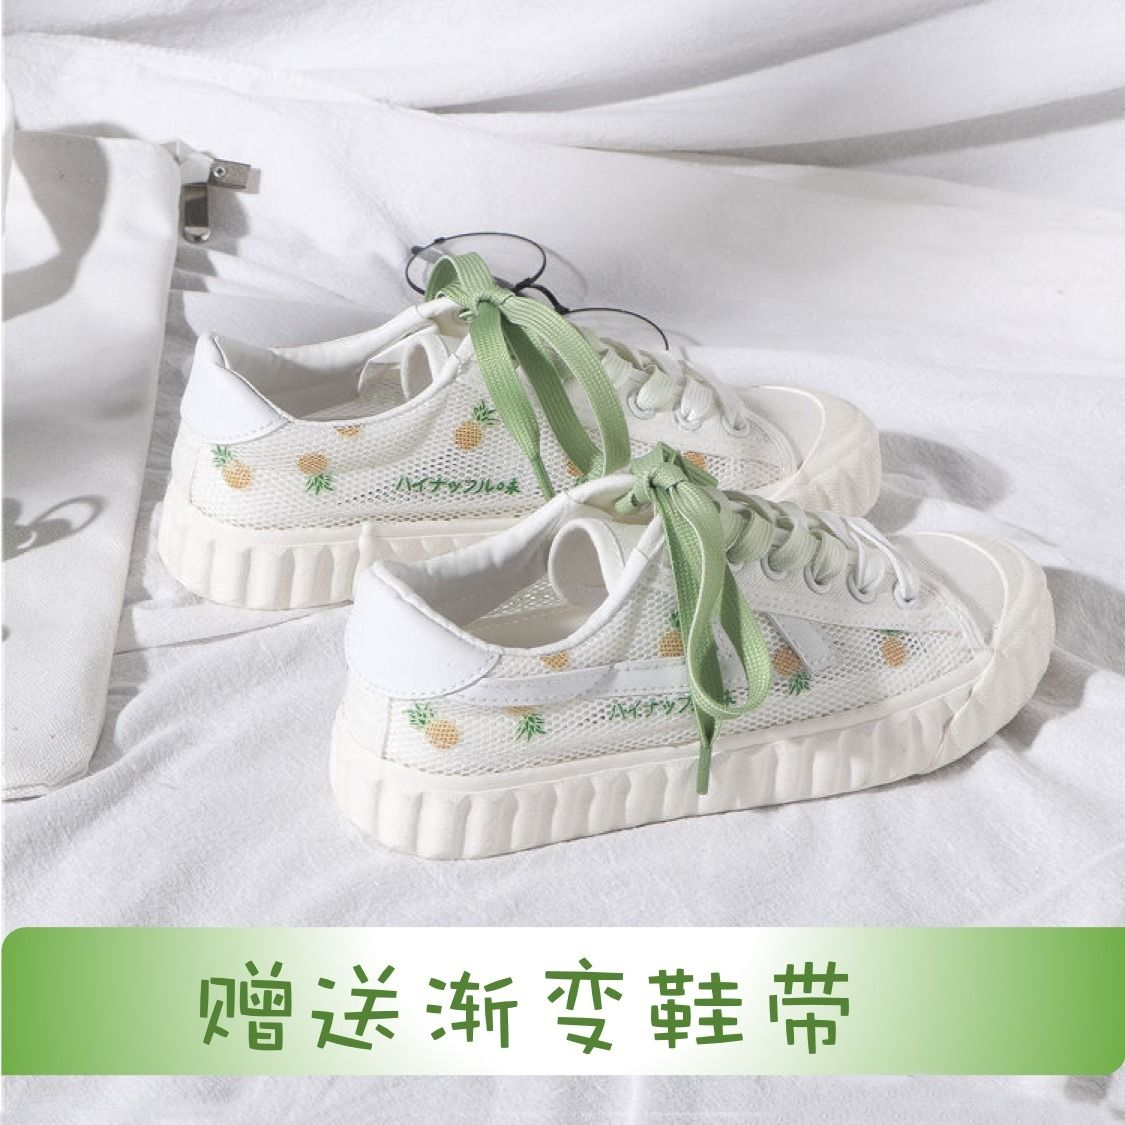 热卖新款透气小白鞋女2020春夏新款百搭鞋子新款女鞋网面潮鞋网鞋